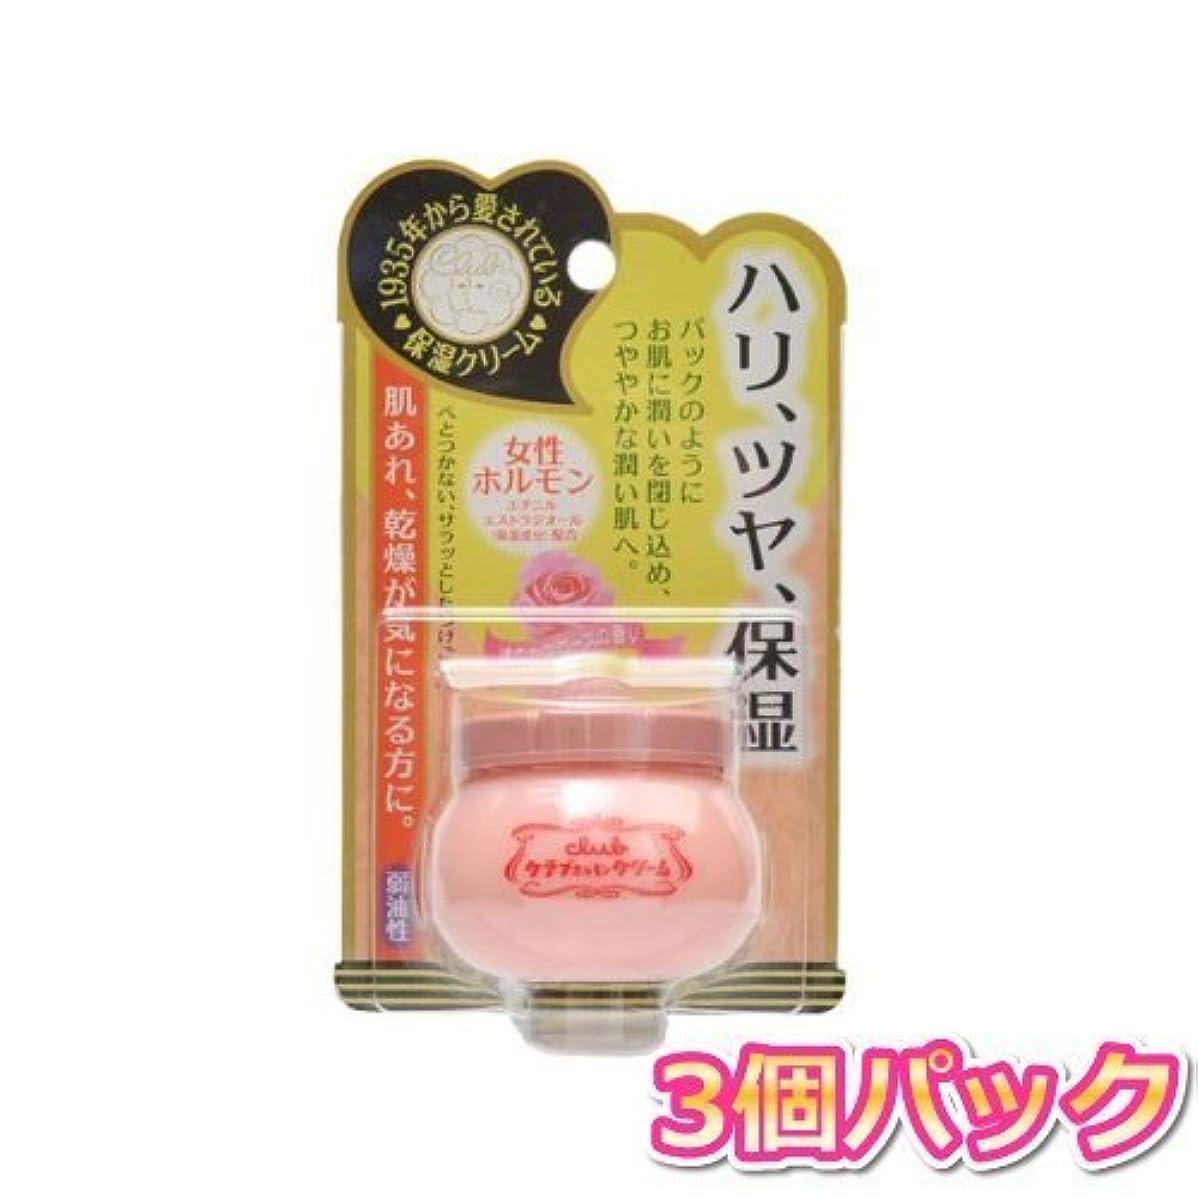 回路猫背うまくやる()クラブ ホルモンクリーム (微香性) 60g ローズの香り 3個パック